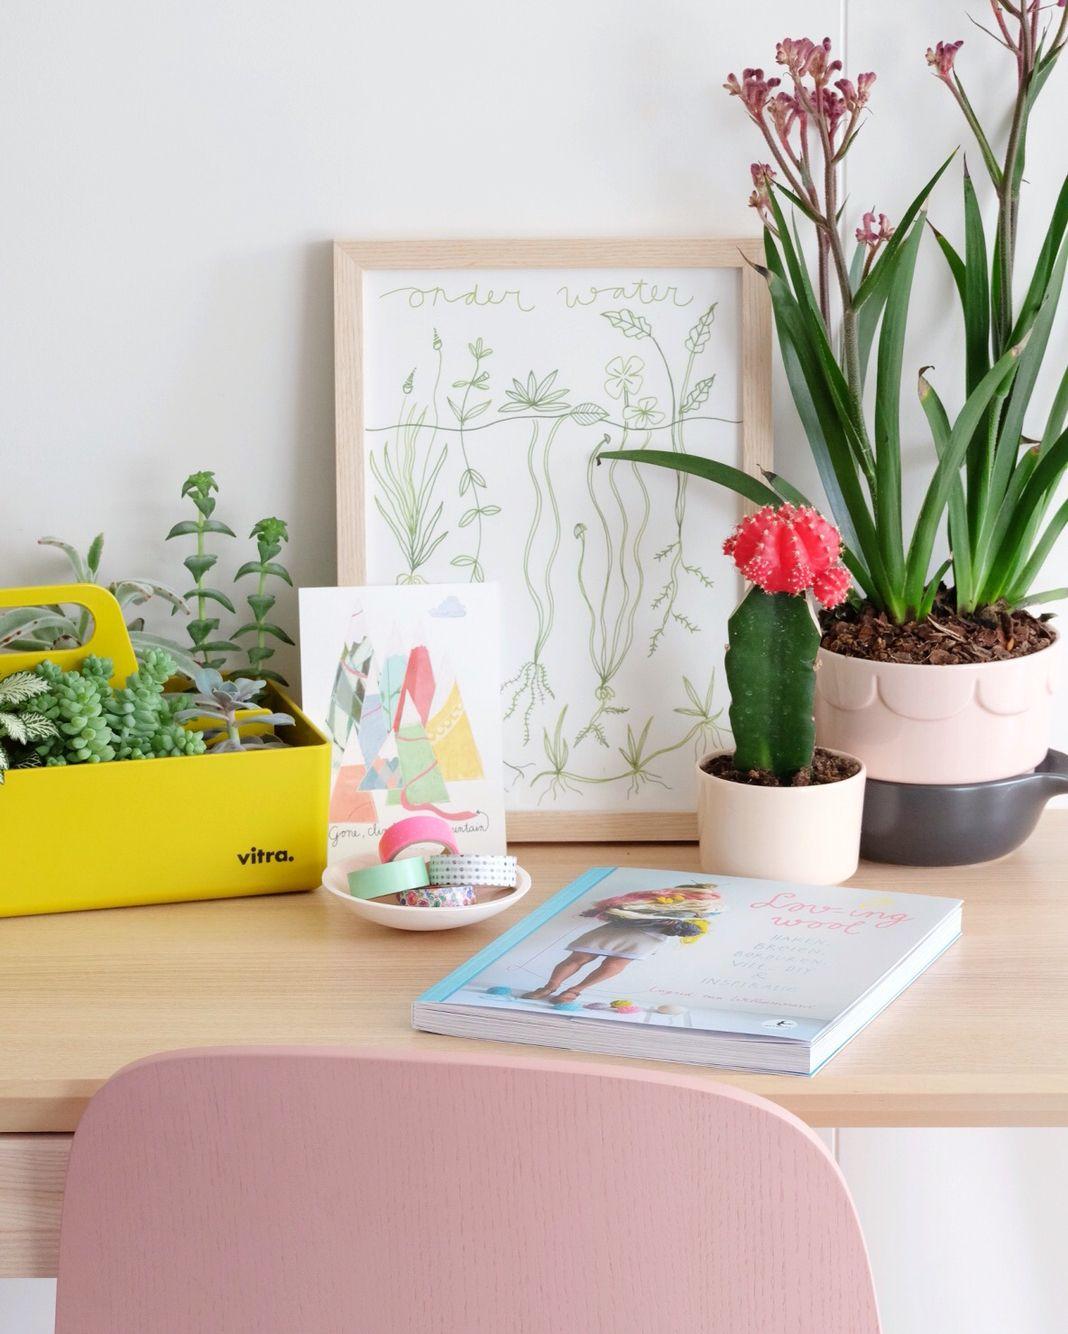 Natura, disegni e nastri colorati... si prospetta una giornata creativa! #LaCasaModerna #Welcome #Spring ● lacasamoderna.com